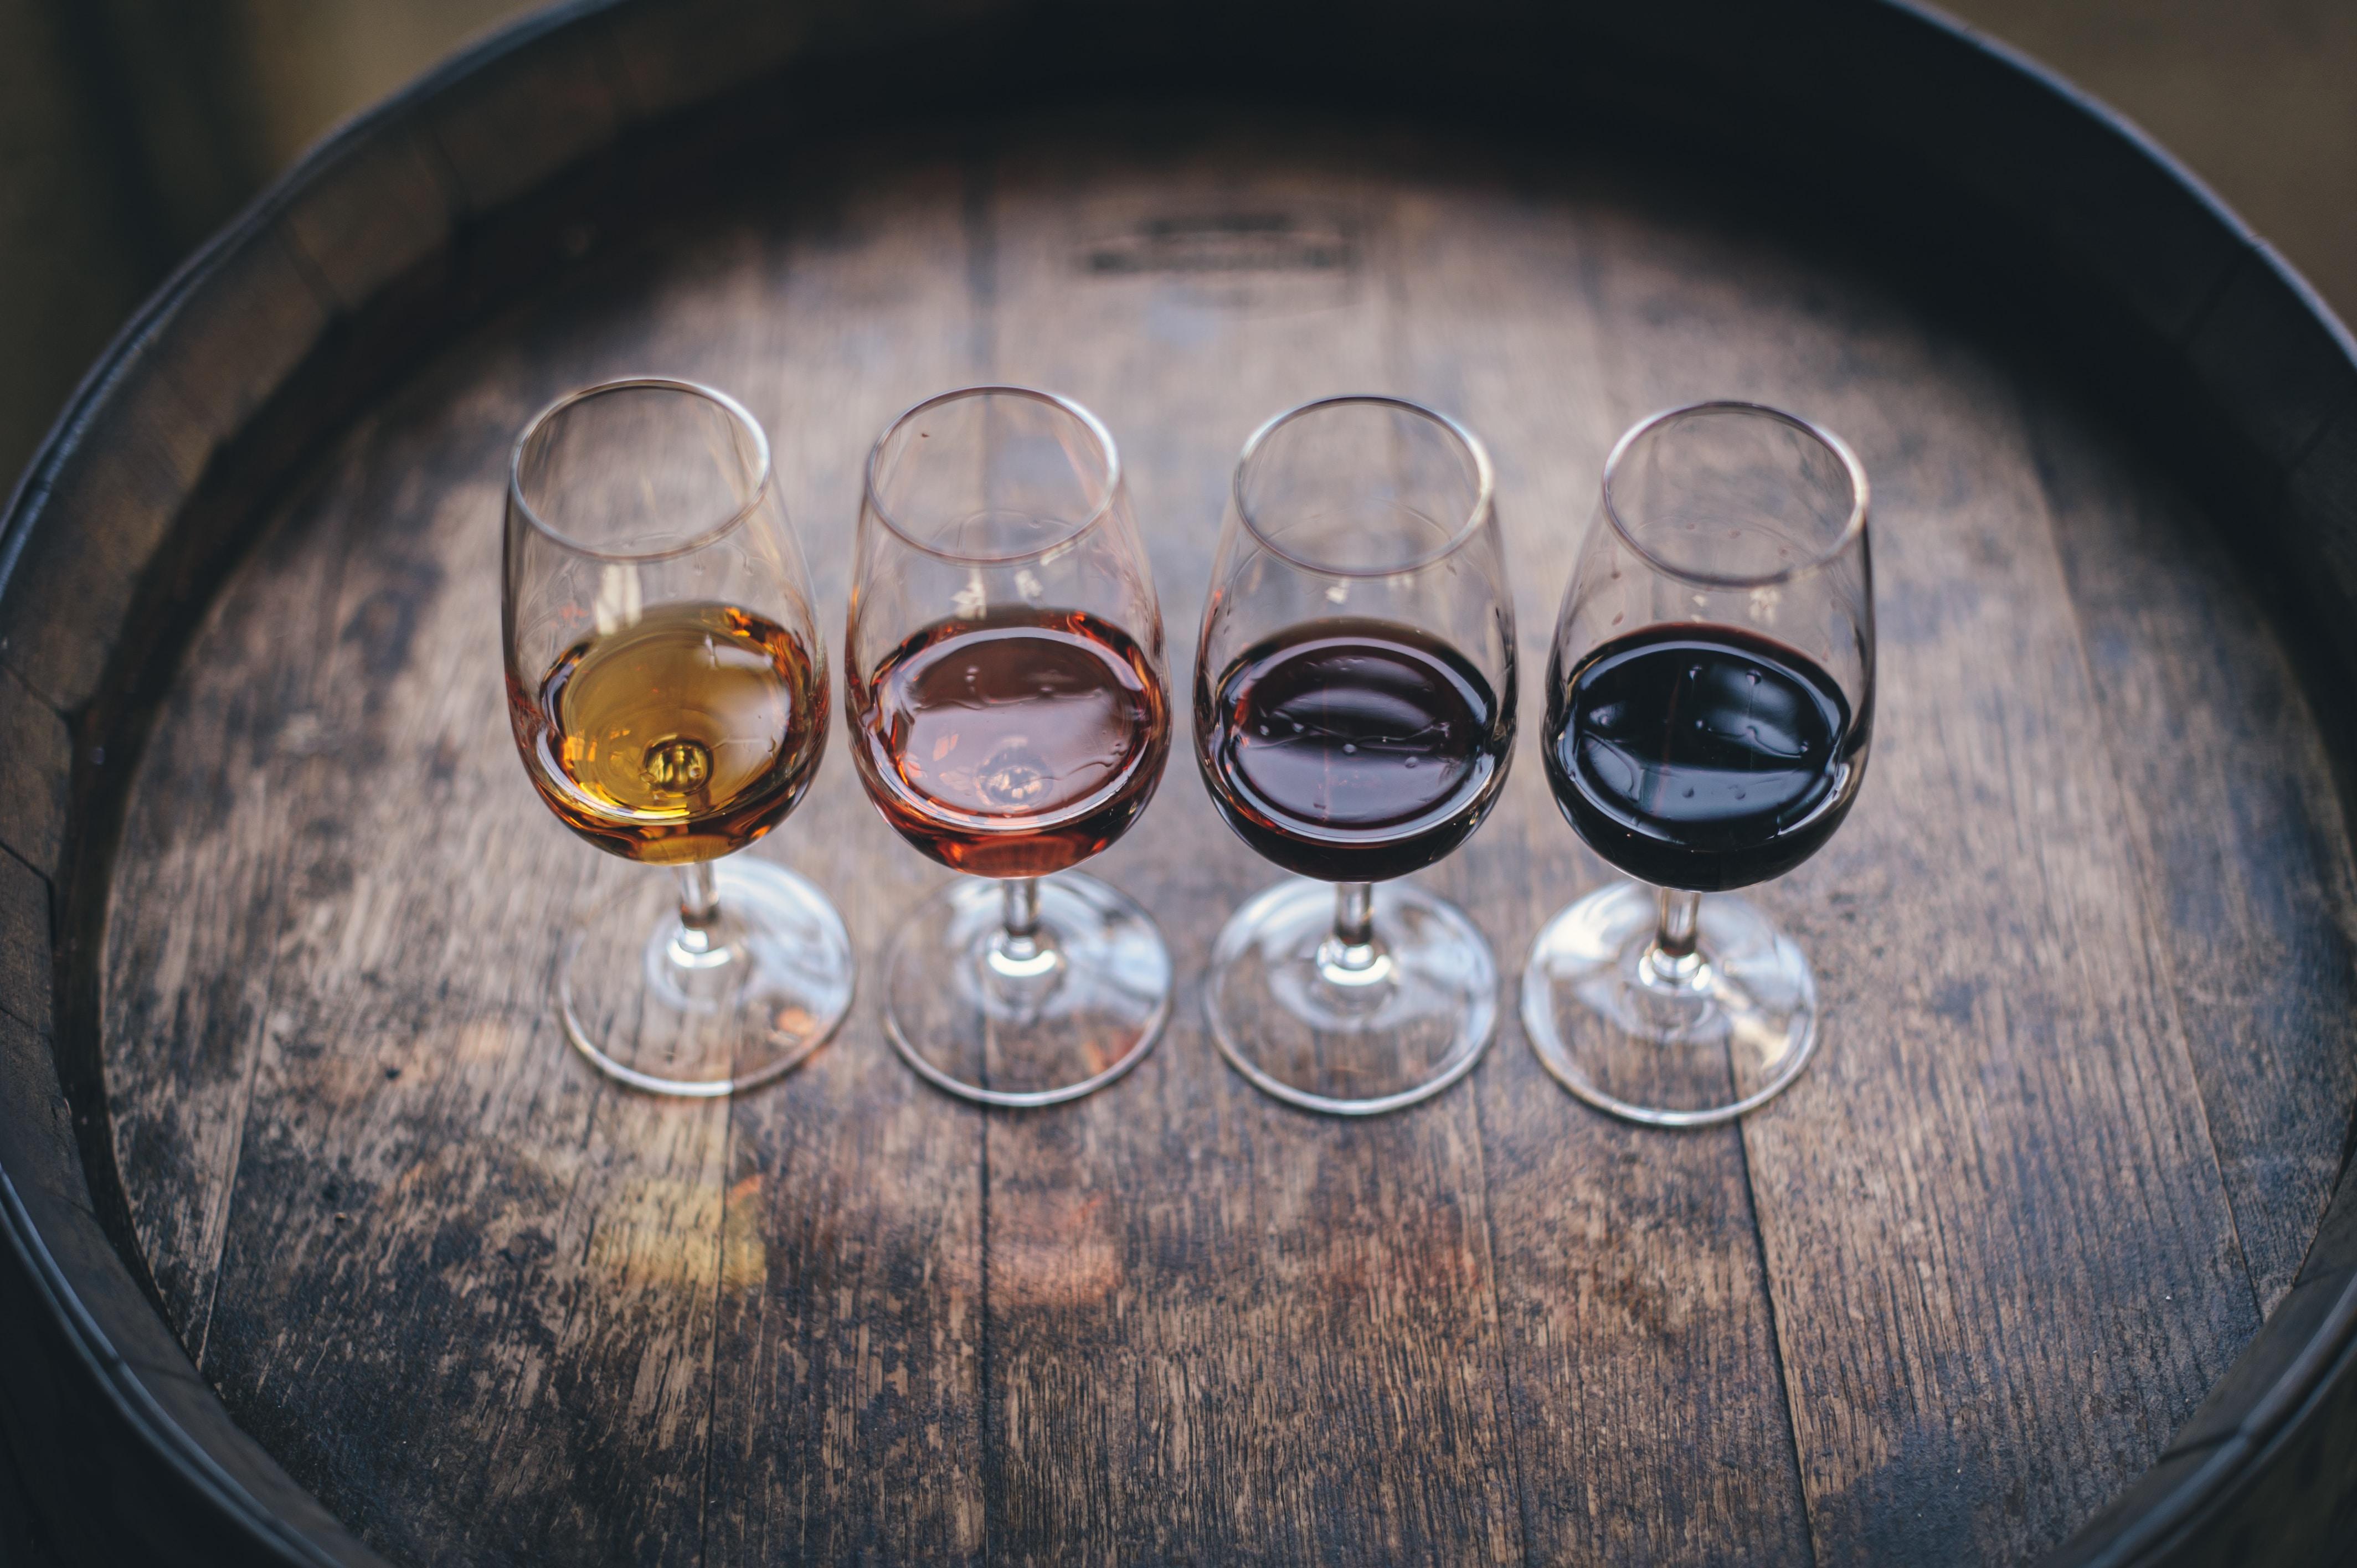 Nationaler Weintag in den USA